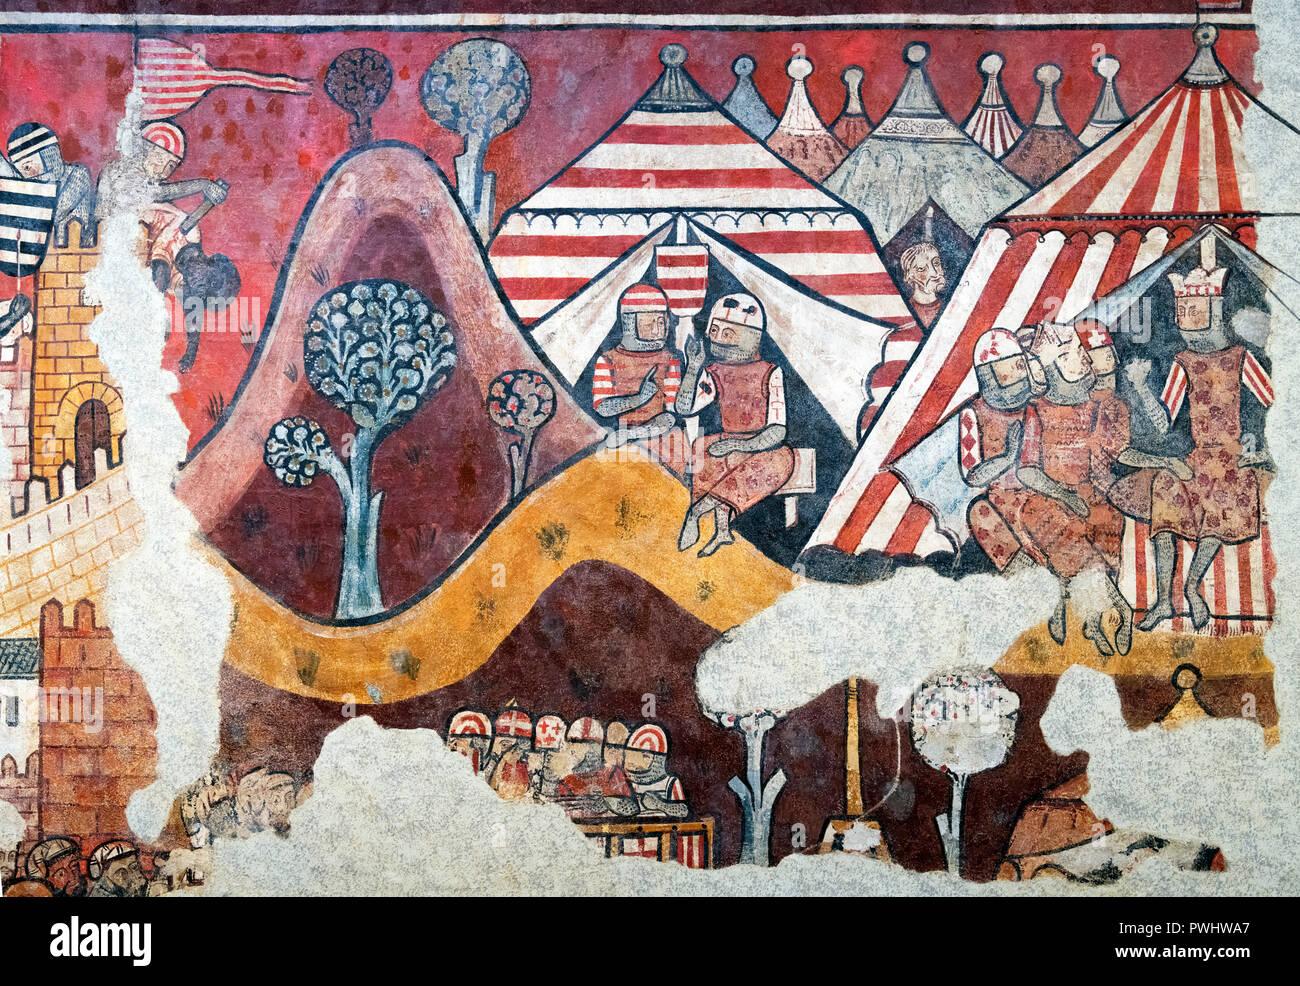 La conquista di Maiorca, il pannello da un gotico medievale murale dal Palau Aguilar, dal maestro della conquista di Maiorca, Affresco trasportato su tela, c.1285-90 Immagini Stock